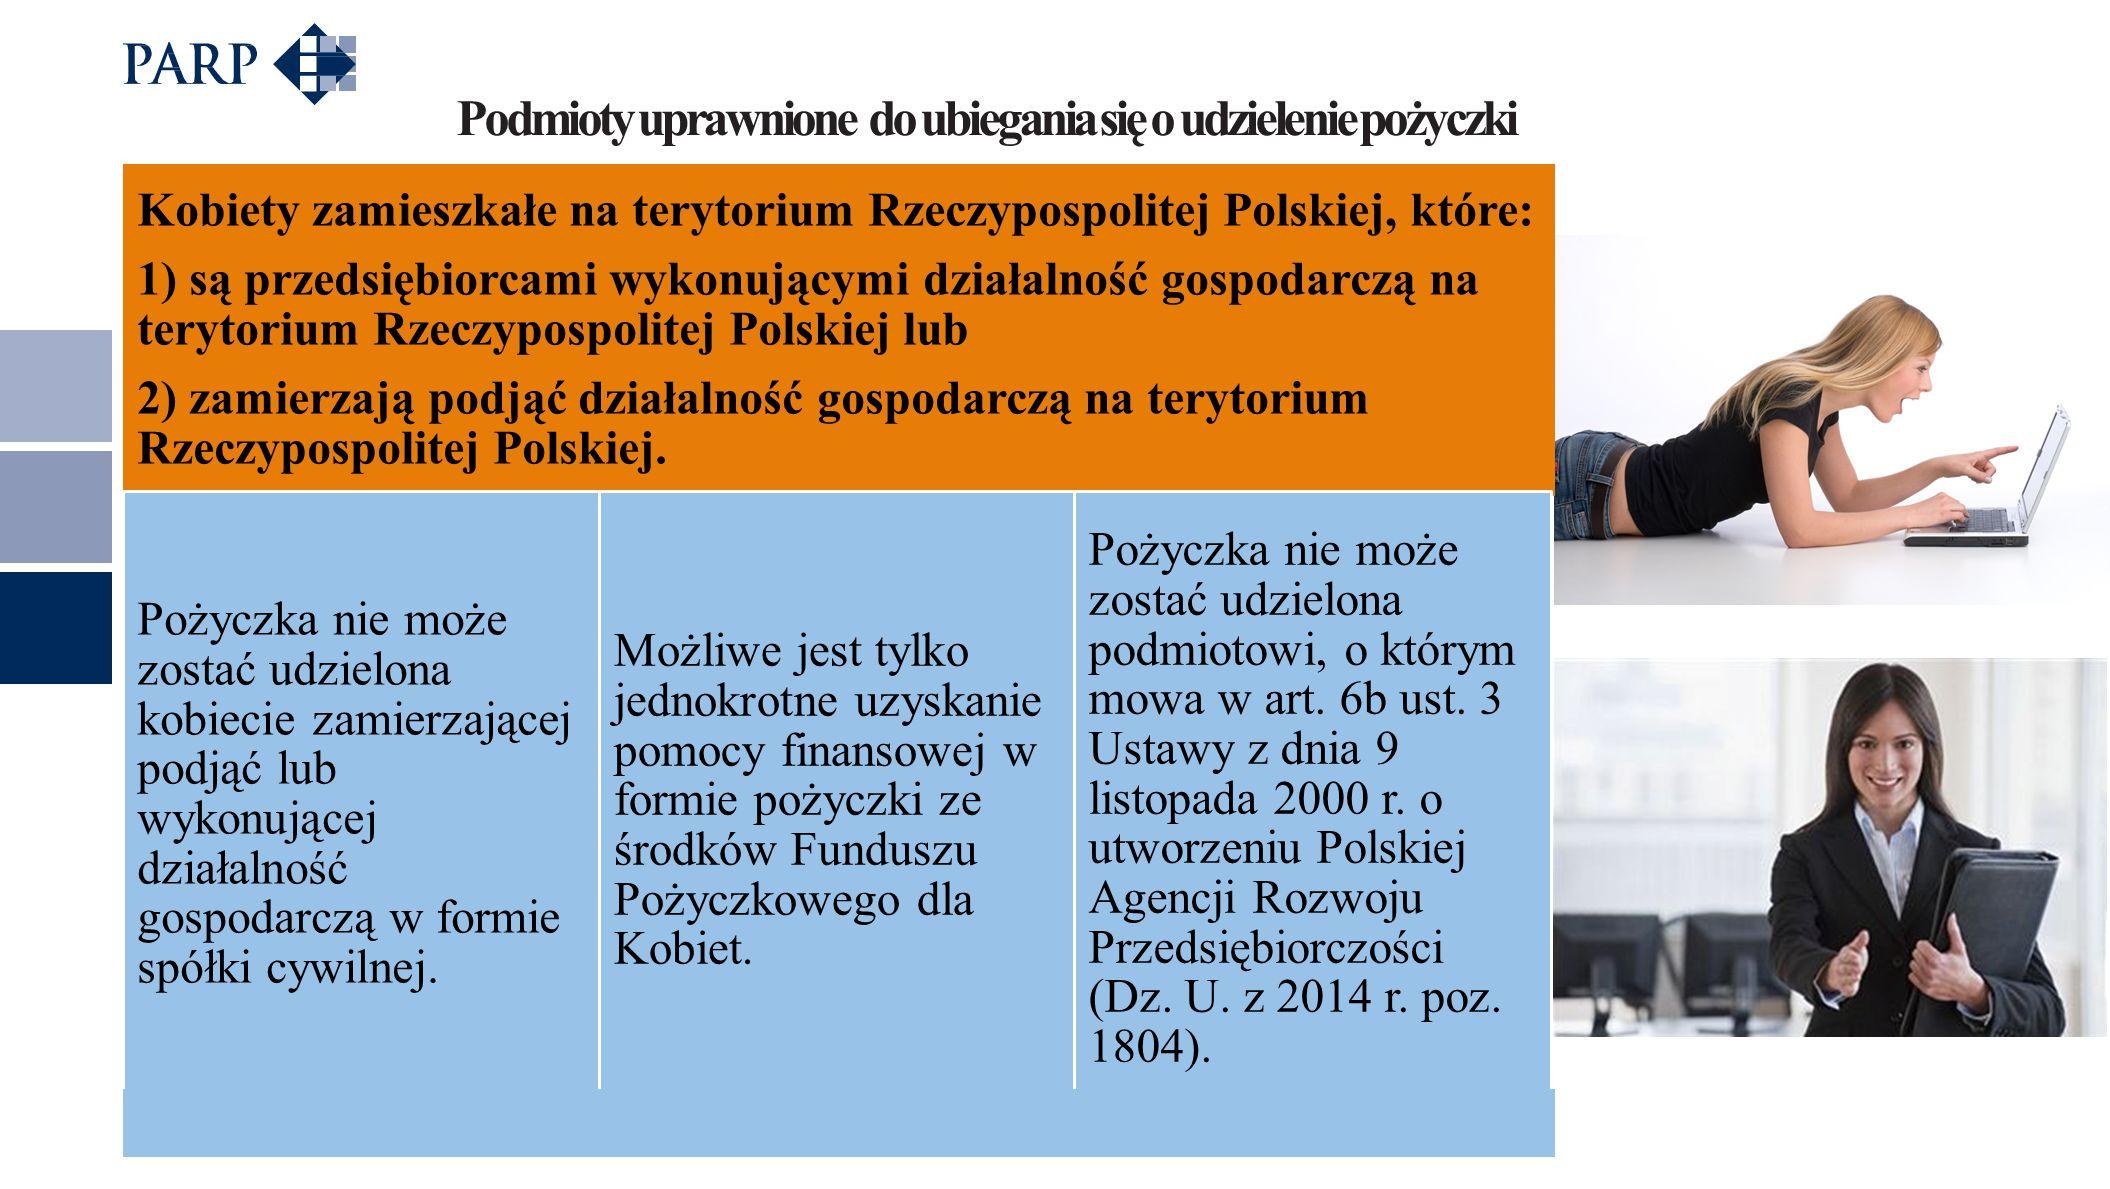 Podmioty uprawnione do ubiegania się o udzielenie pożyczki Kobiety zamieszkałe na terytorium Rzeczypospolitej Polskiej, które: 1) są przedsiębiorcami wykonującymi działalność gospodarczą na terytorium Rzeczypospolitej Polskiej lub 2) zamierzają podjąć działalność gospodarczą na terytorium Rzeczypospolitej Polskiej.